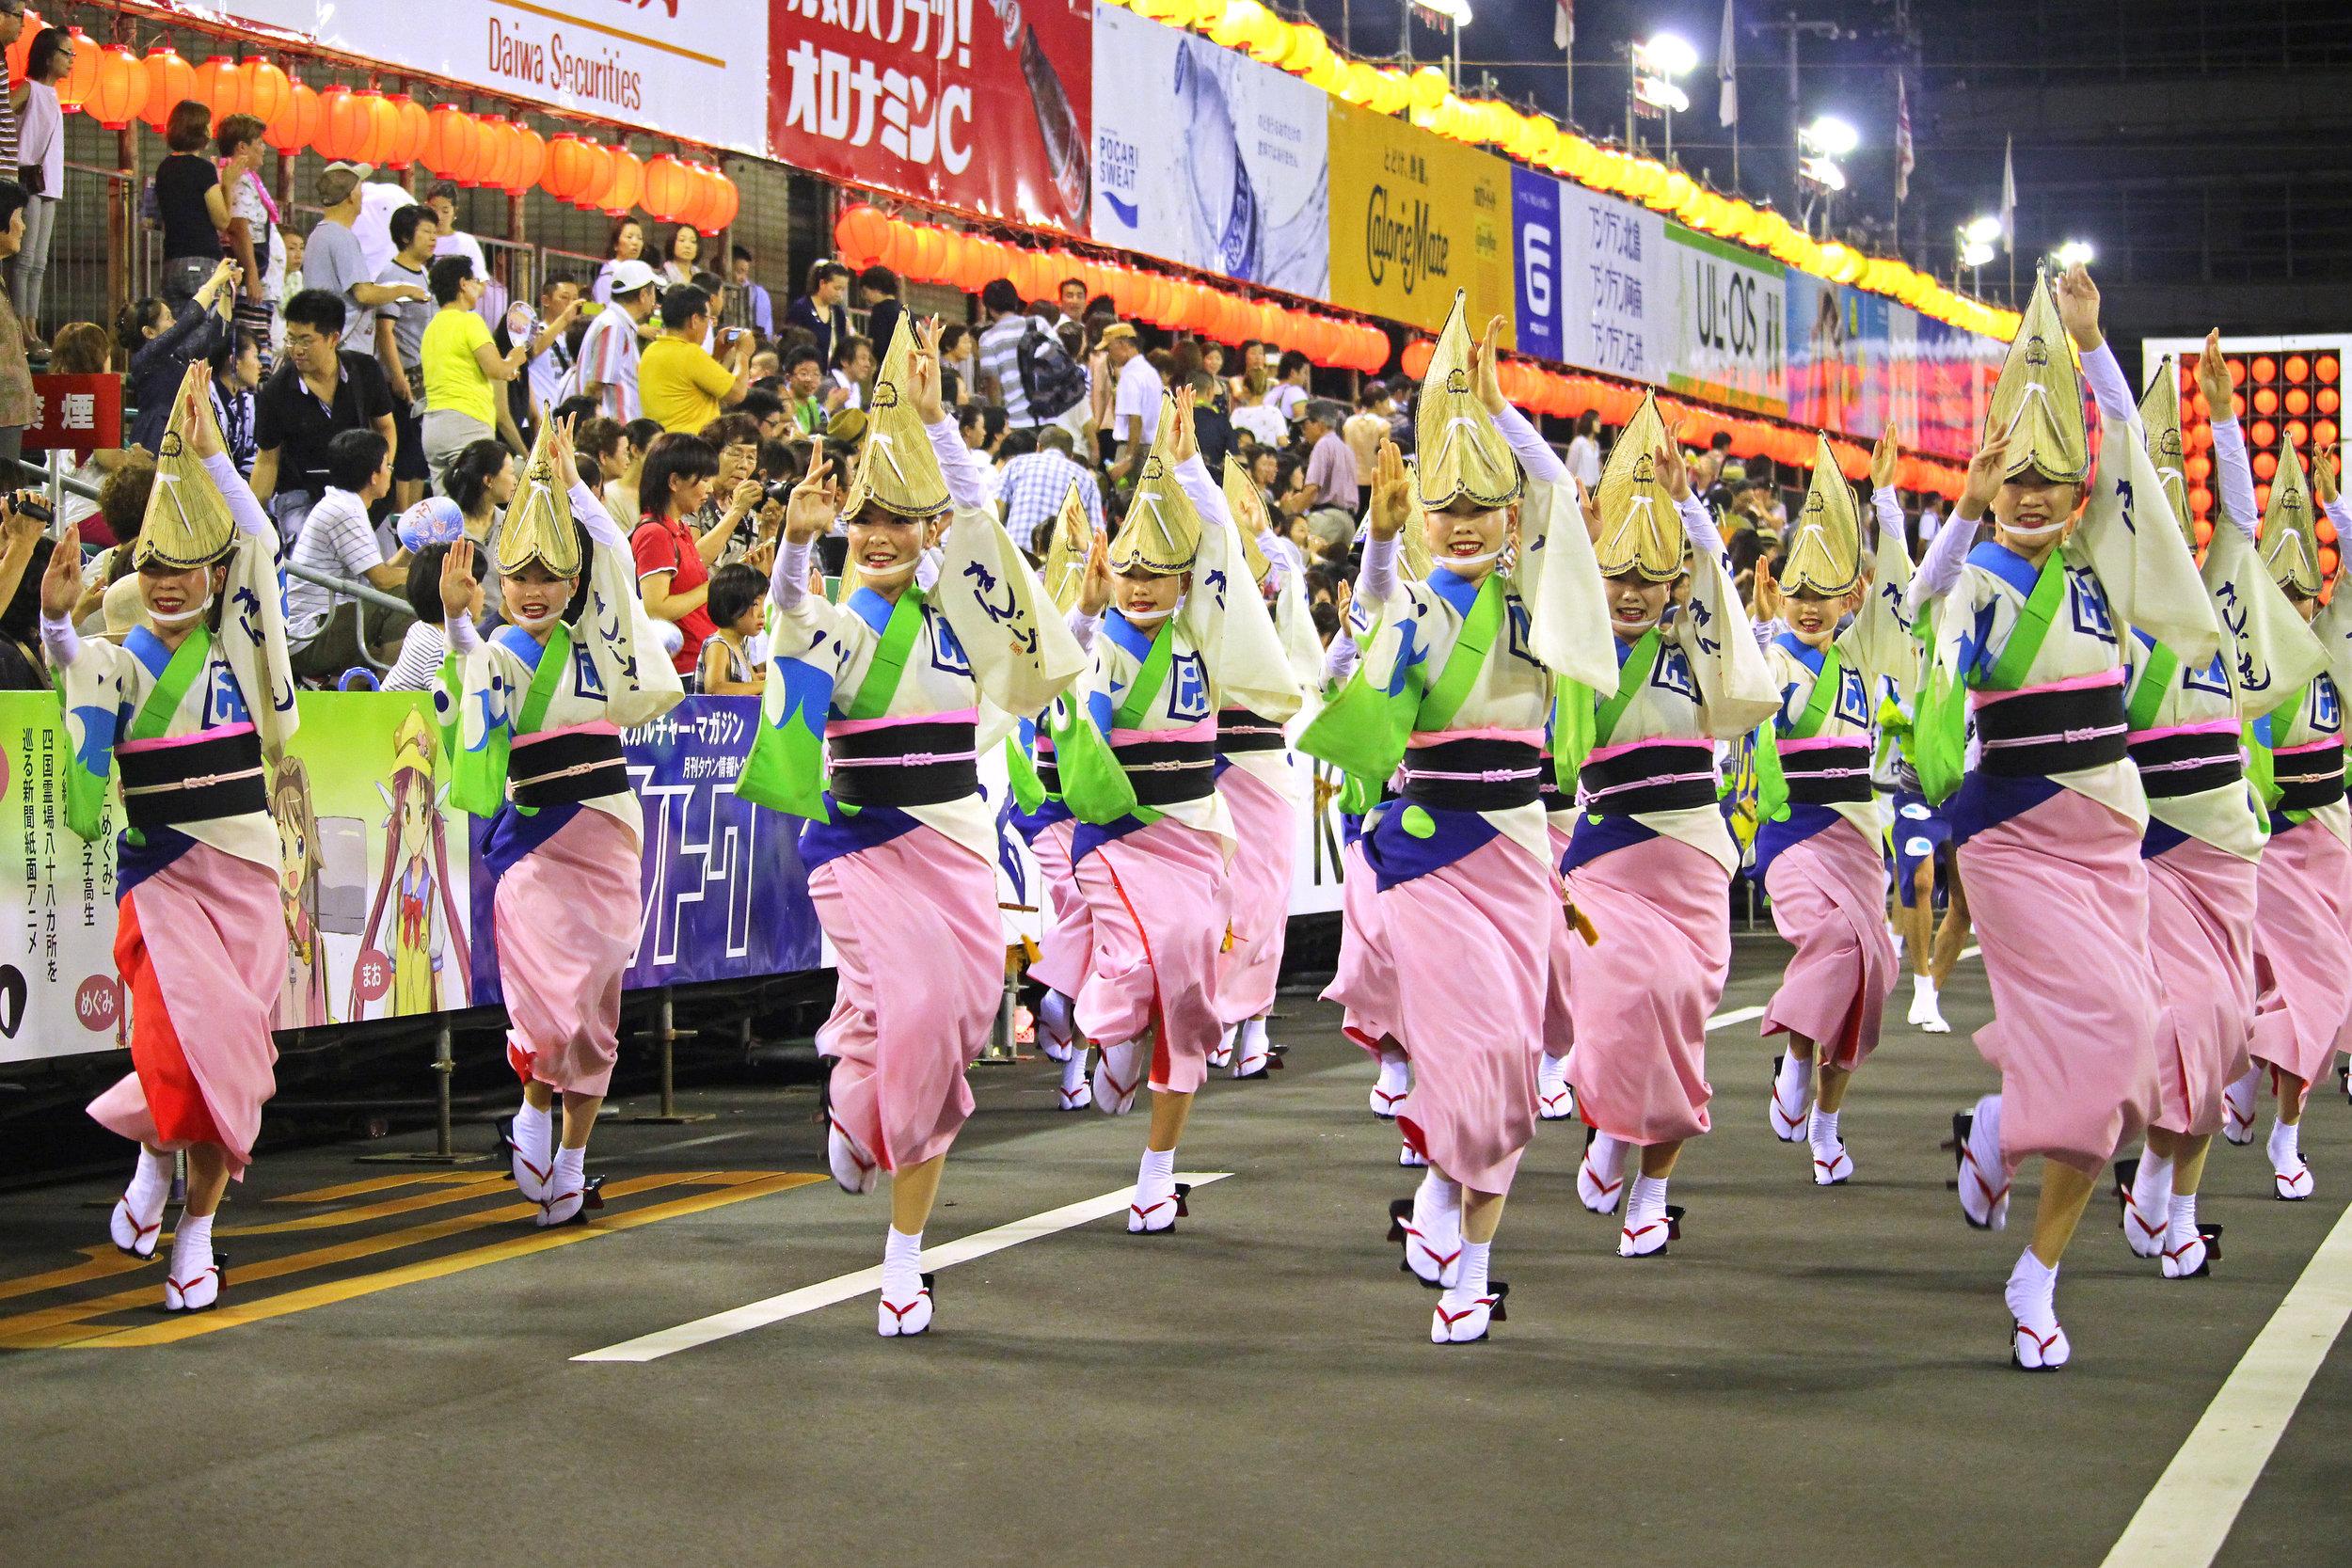 阿波おどり 徳島 | 実行委員会公式ウェブサイト